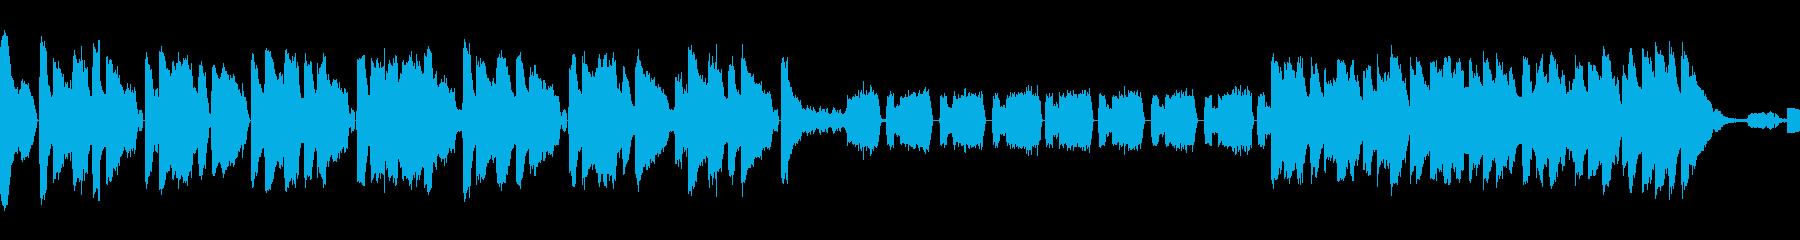 ループ・リズム抜 Future Bassの再生済みの波形